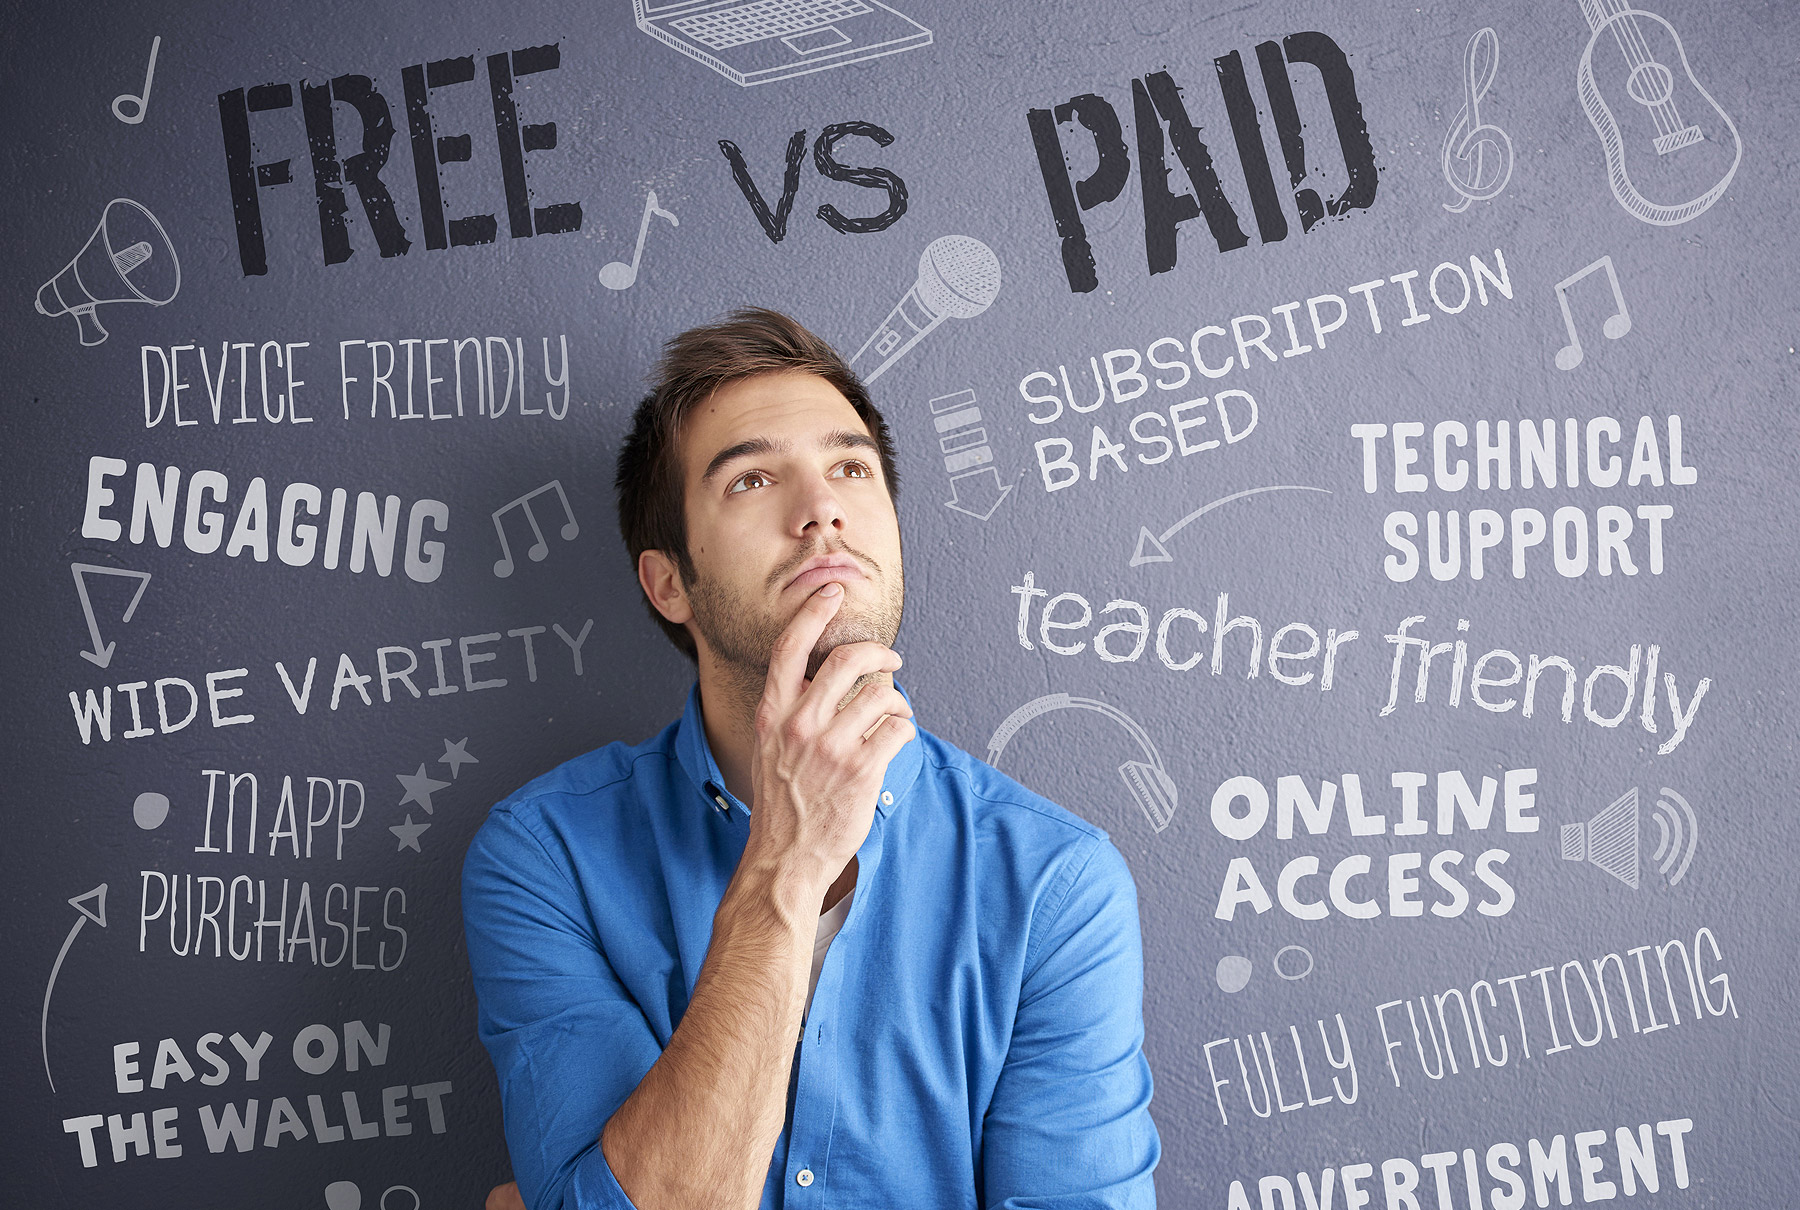 Free vs Paid